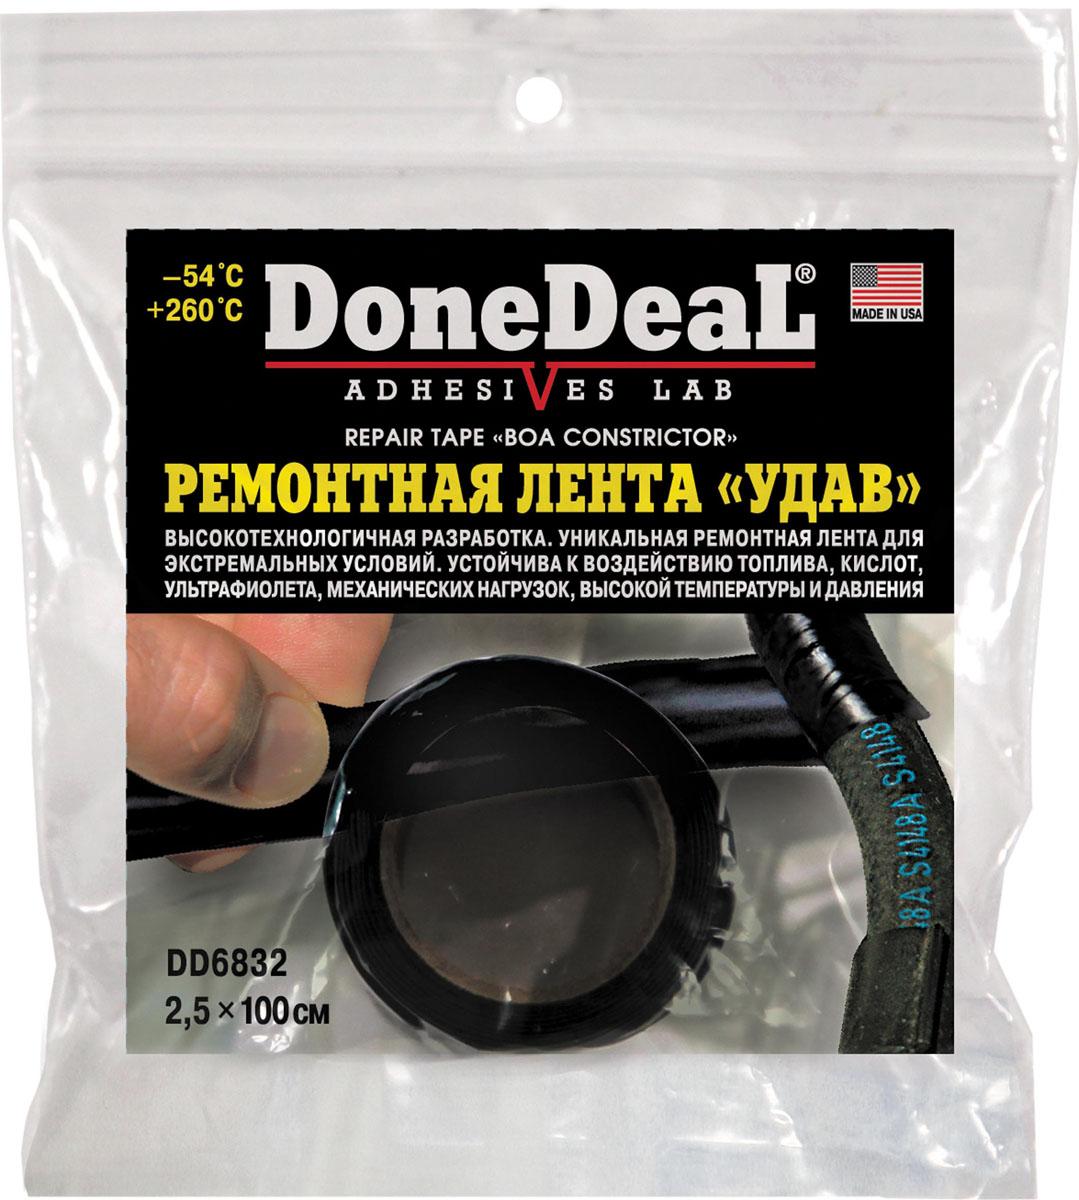 Термостойкая (до 260 С) ремонтная лента Done Deal Удав, цвет: черный. DD 6832DD 6832Высокотехнологичная разработка. Уникальная ремонтная лента для экстремальных нагрузок. Устойчива к воздействию топлива, кислот, ультрафиолета, механических нагрузок, высокой температуры и давления. Не имеет клеевого слоя, полимеризуется при наматывании и создает плотный и прочный слой-бандаж, «спекаясь» в однородную массу. Работает в интервале температур от -54°С до +260°С, в условиях, в которых обычные изоляционные ленты применяться не могут. Обладает высокими диэлектрическими свойствами, обеспечивает изоляцию при напряжении до 7870 В (слой 0,5 мм) — в зависимости от влажности и рабочего напряжения рекомендуется использовать несколько слоев. Выдерживает высокое давление жидкостей и газов. Прочность на растяжение — не менее 4,8 МРа. Вытягивается до 300%, не теряя своих свойств. Хорошо облегает сложные формы, не сползает, не пачкается. Применяется для герметизации течей труб из различных материалов и резиновых шлангов, в том числе находящихся под давлением; электроизоляции проводов,...